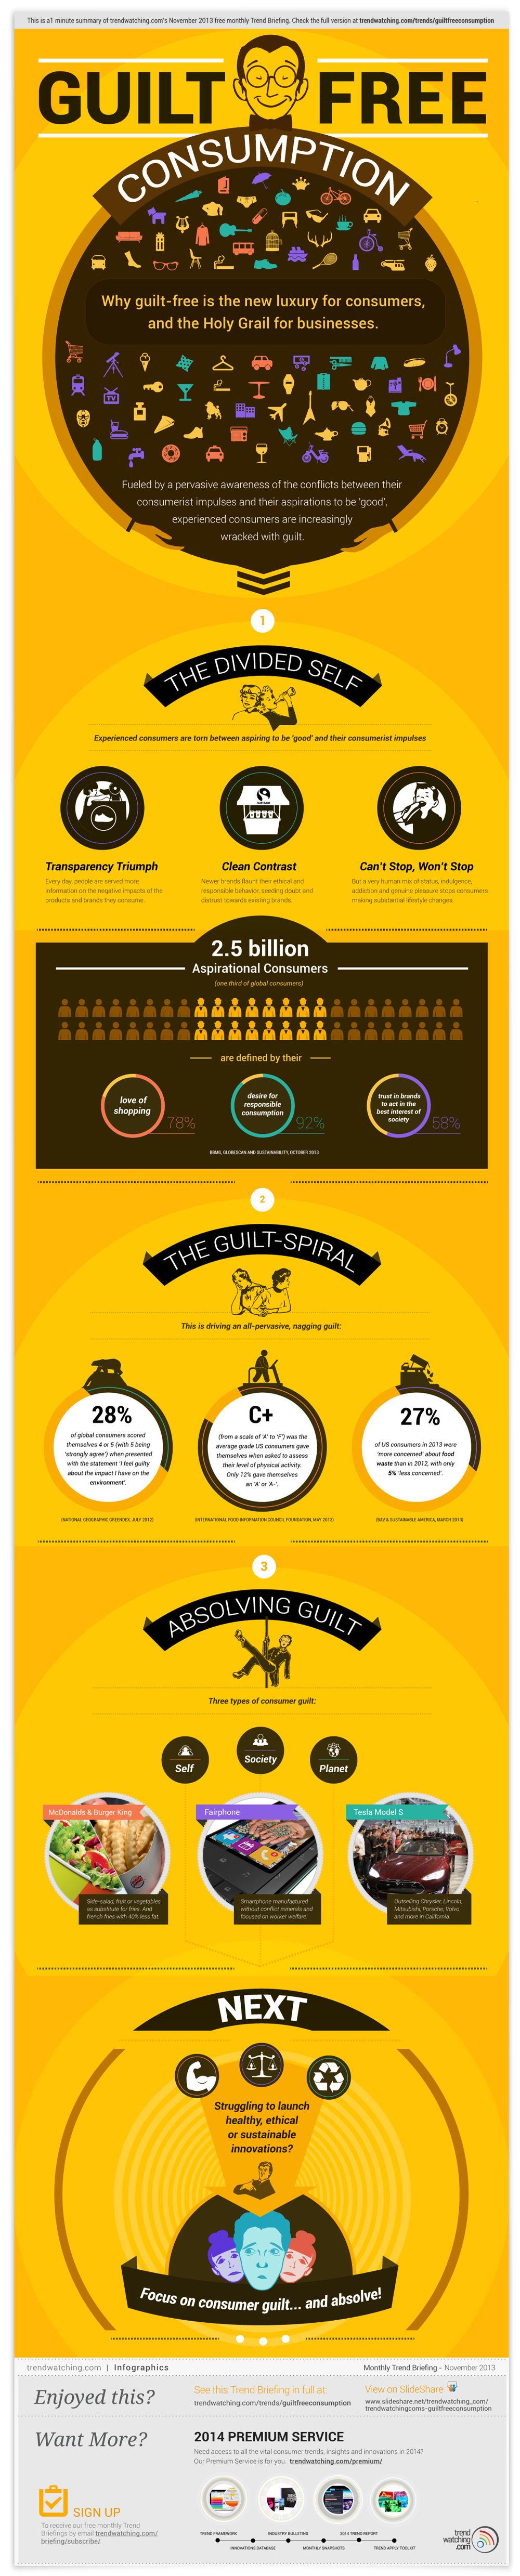 El_futuro_del_consumo_el_de_las_marcas_y _el_de_los_consumidores-4